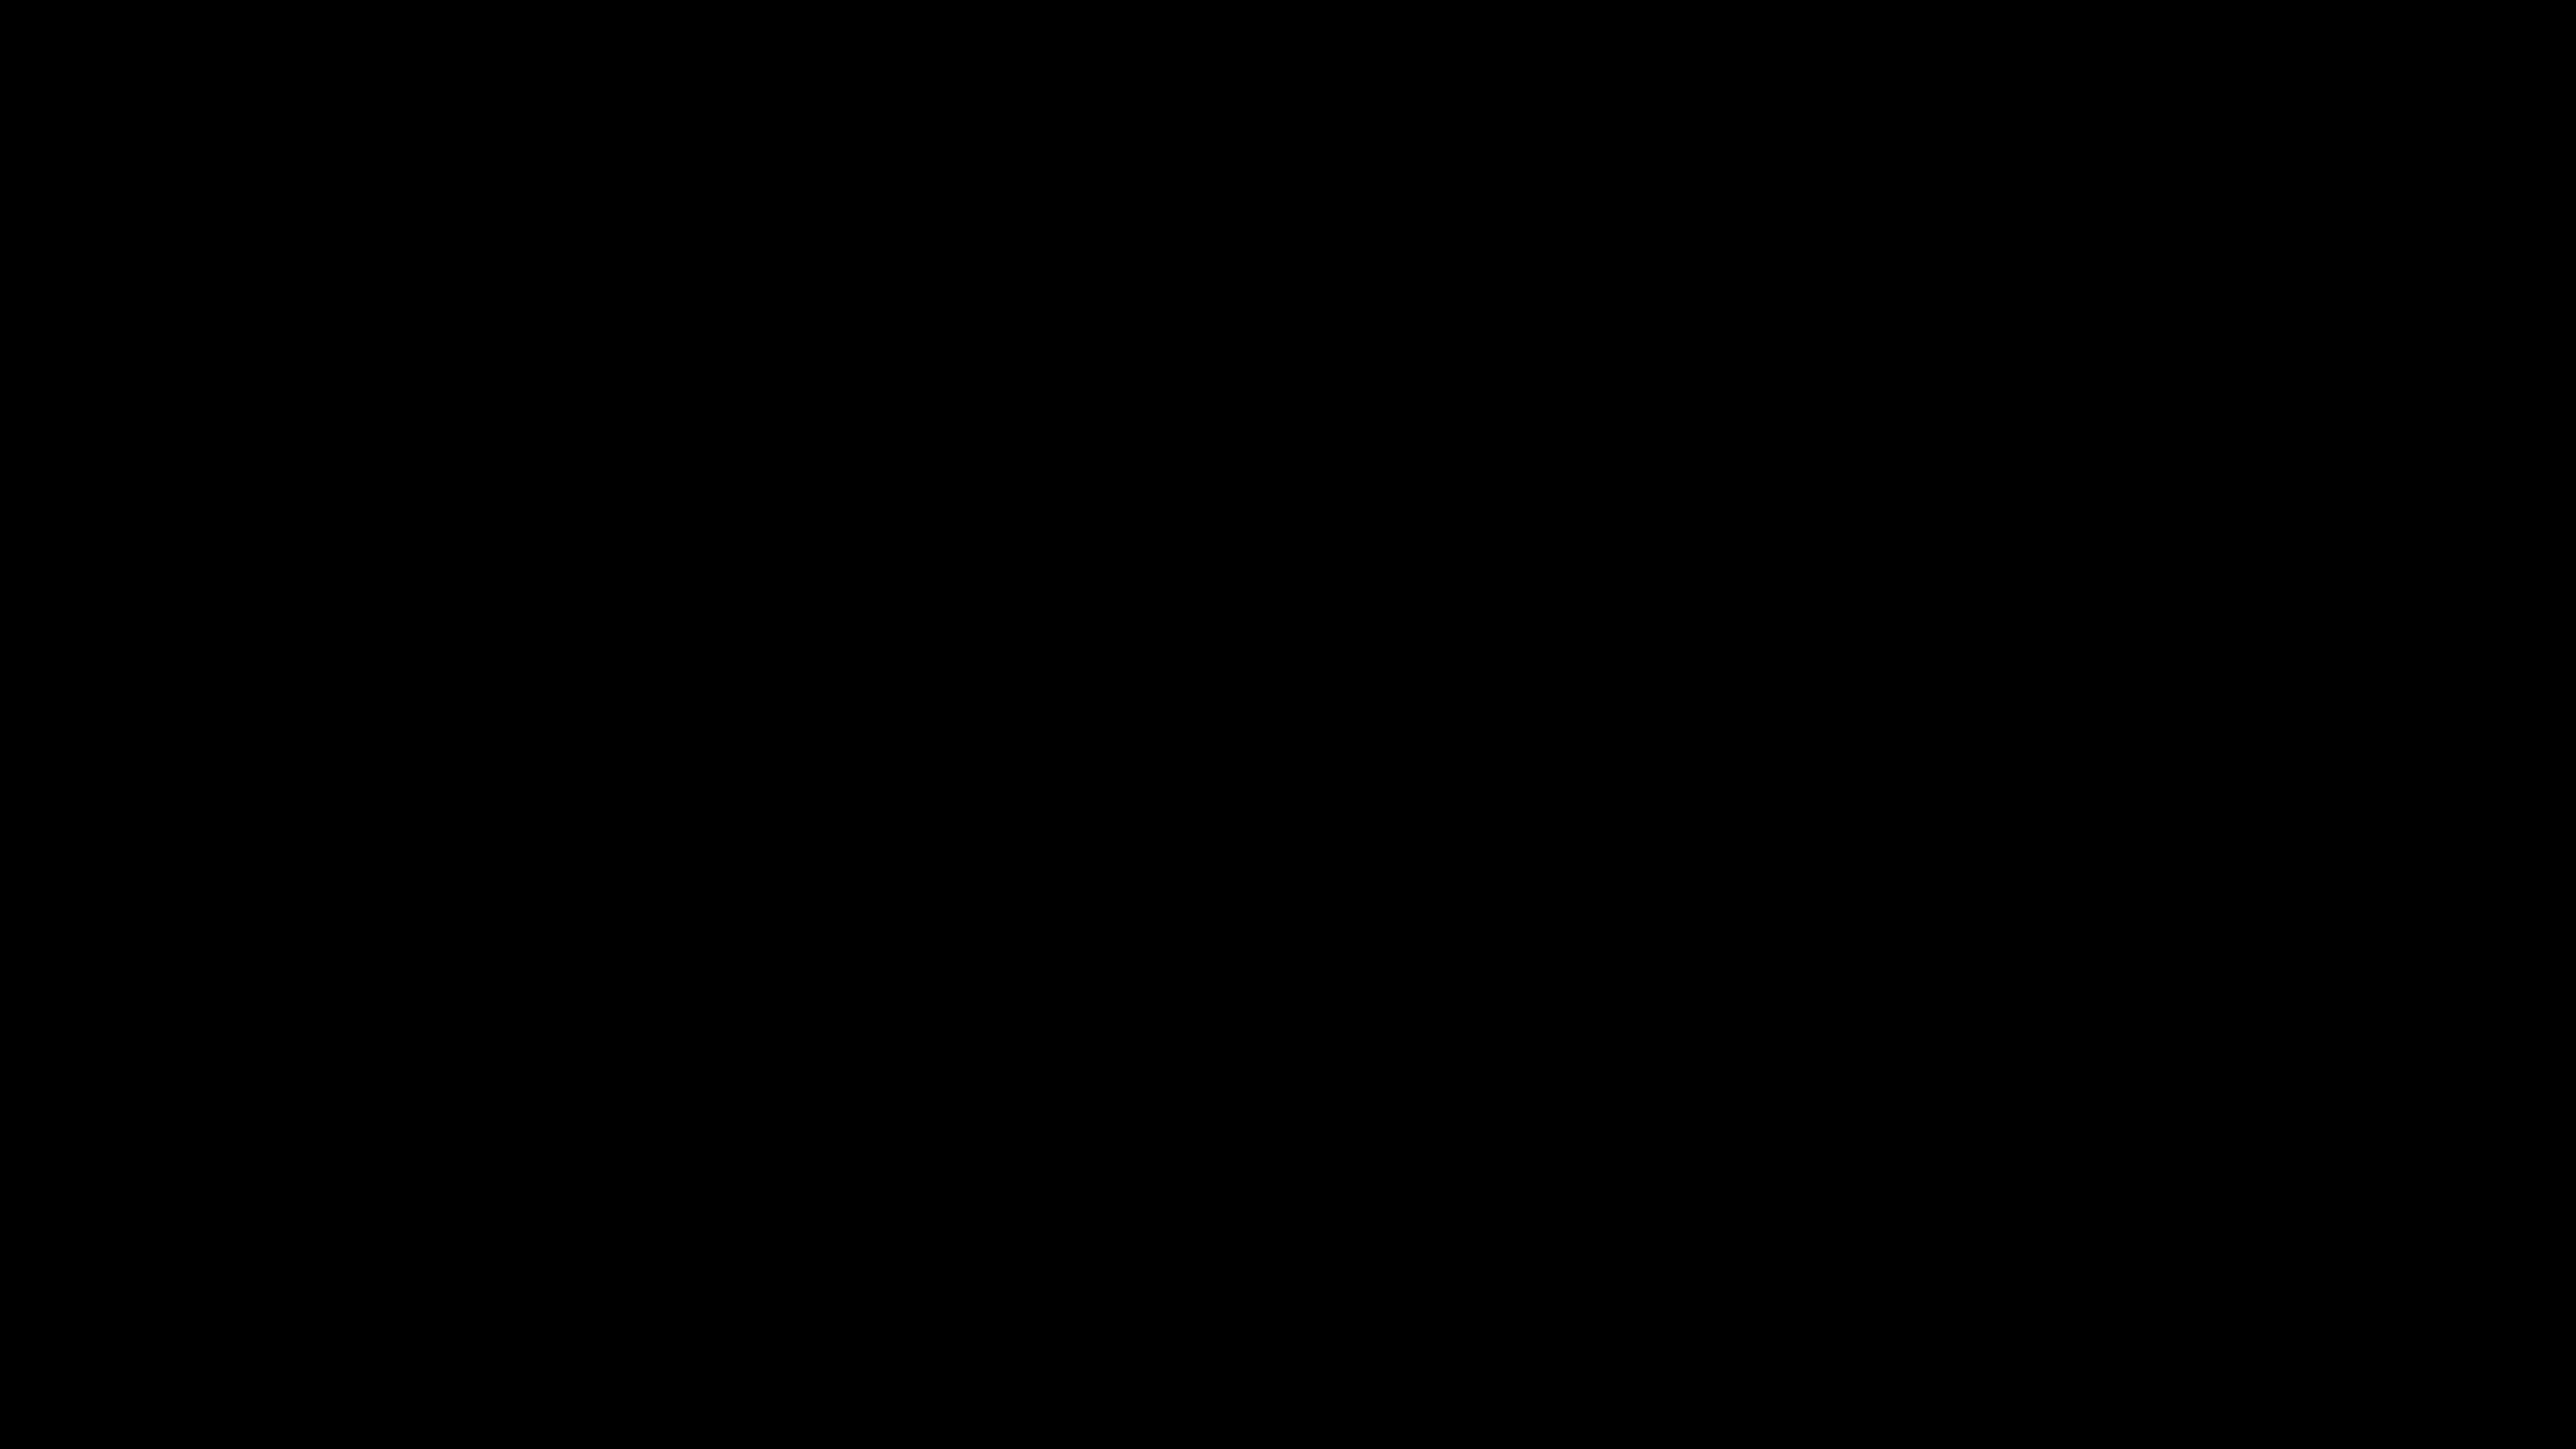 FONTANERÍA